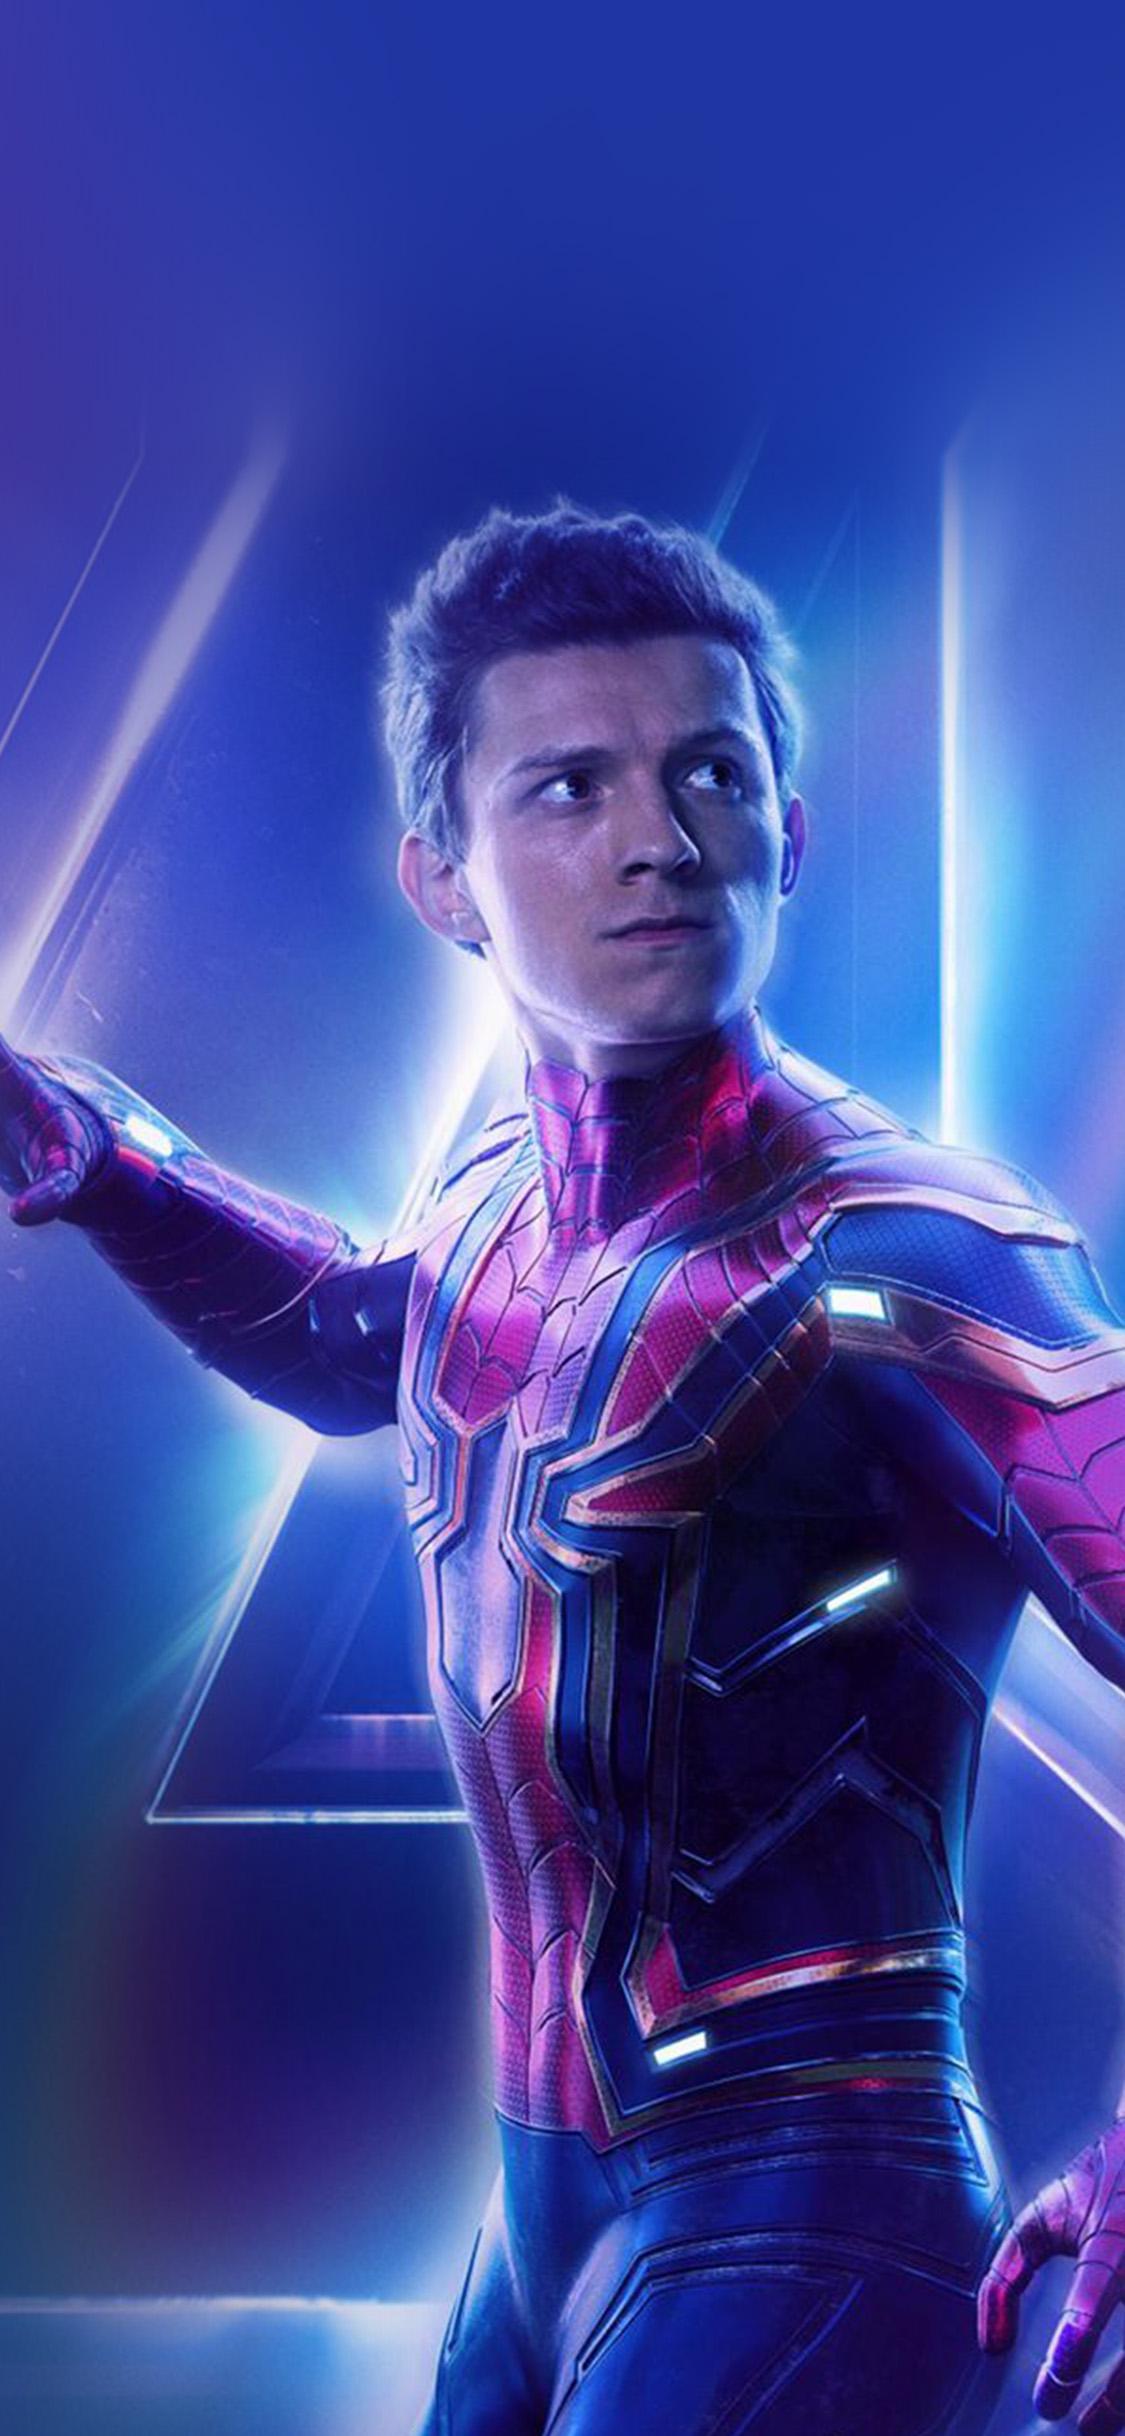 iPhonexpapers.com-Apple-iPhone-wallpaper-be92-spiderman-suit-avengers-infinitywar-marvel-hero-art-film